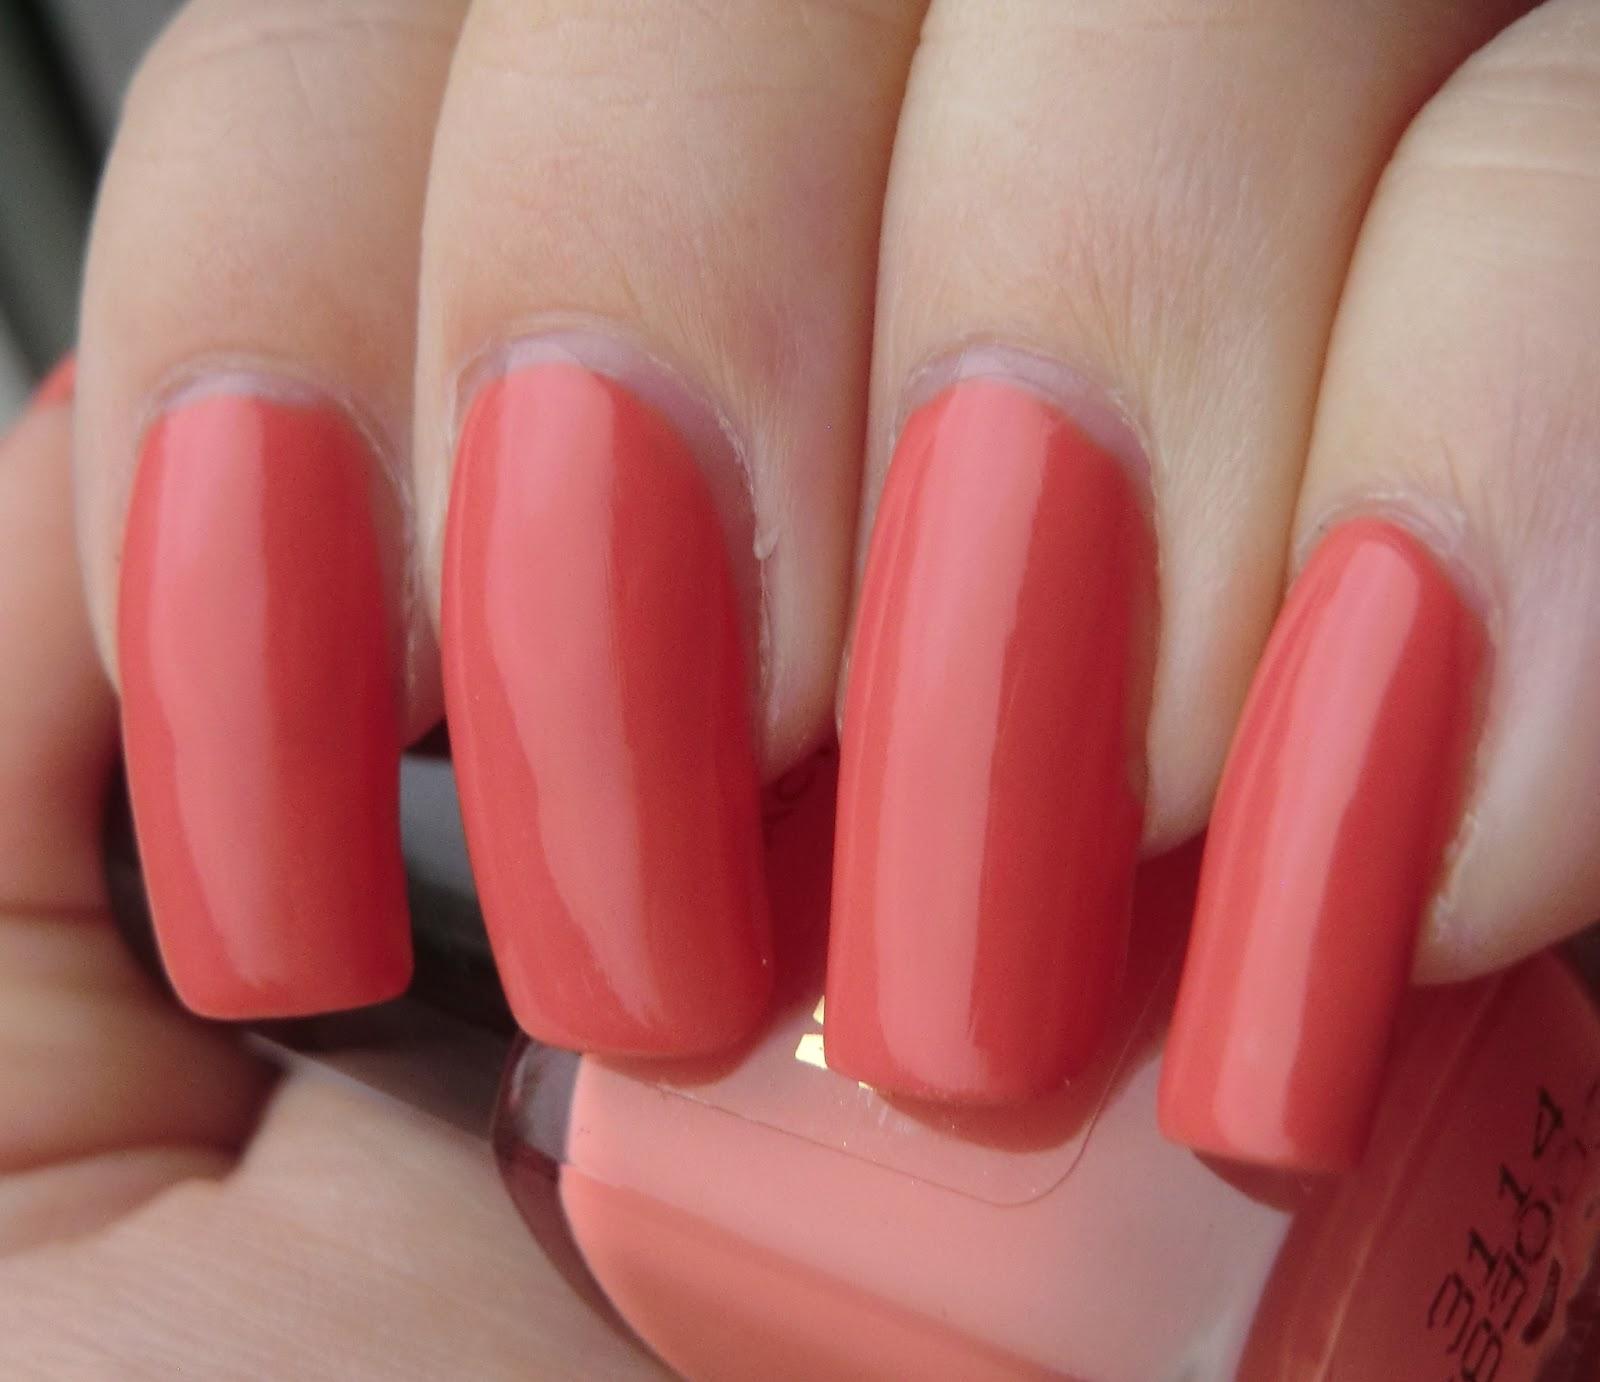 Farbe Coral lenas sofa max factor max effect mini nail 70 coral